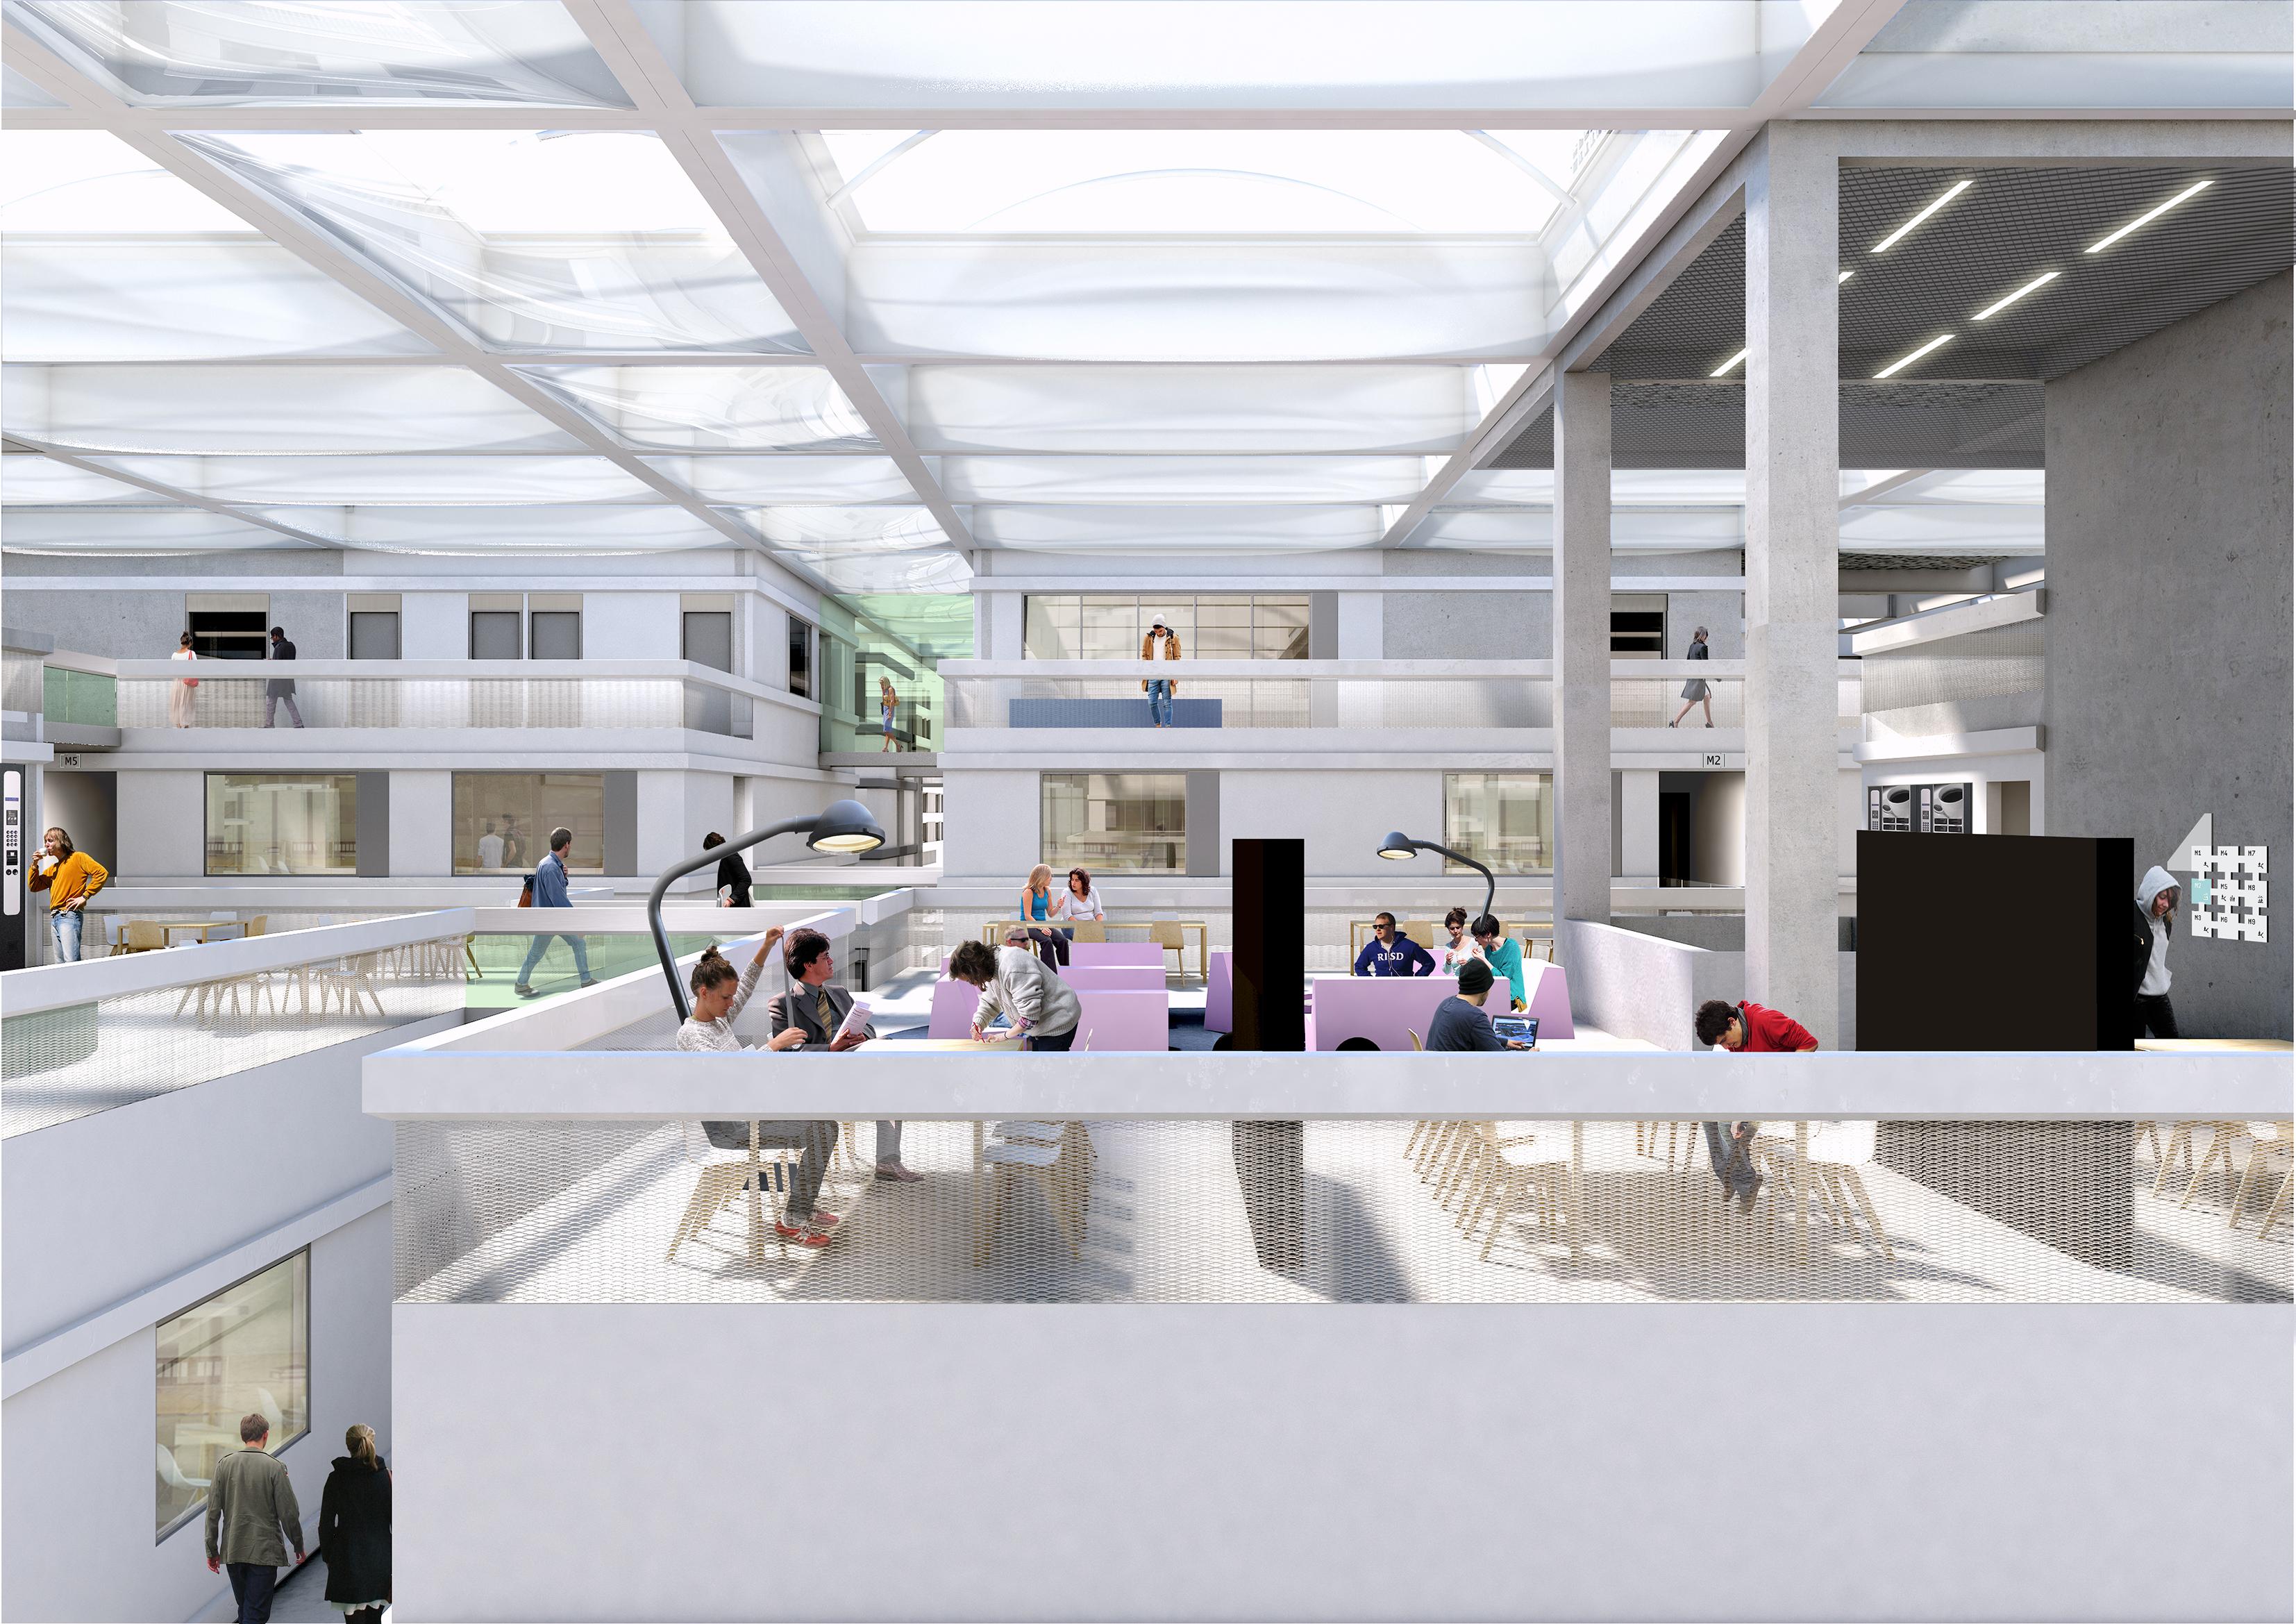 Terrassen met de transparante dakopbouw, render door OMA